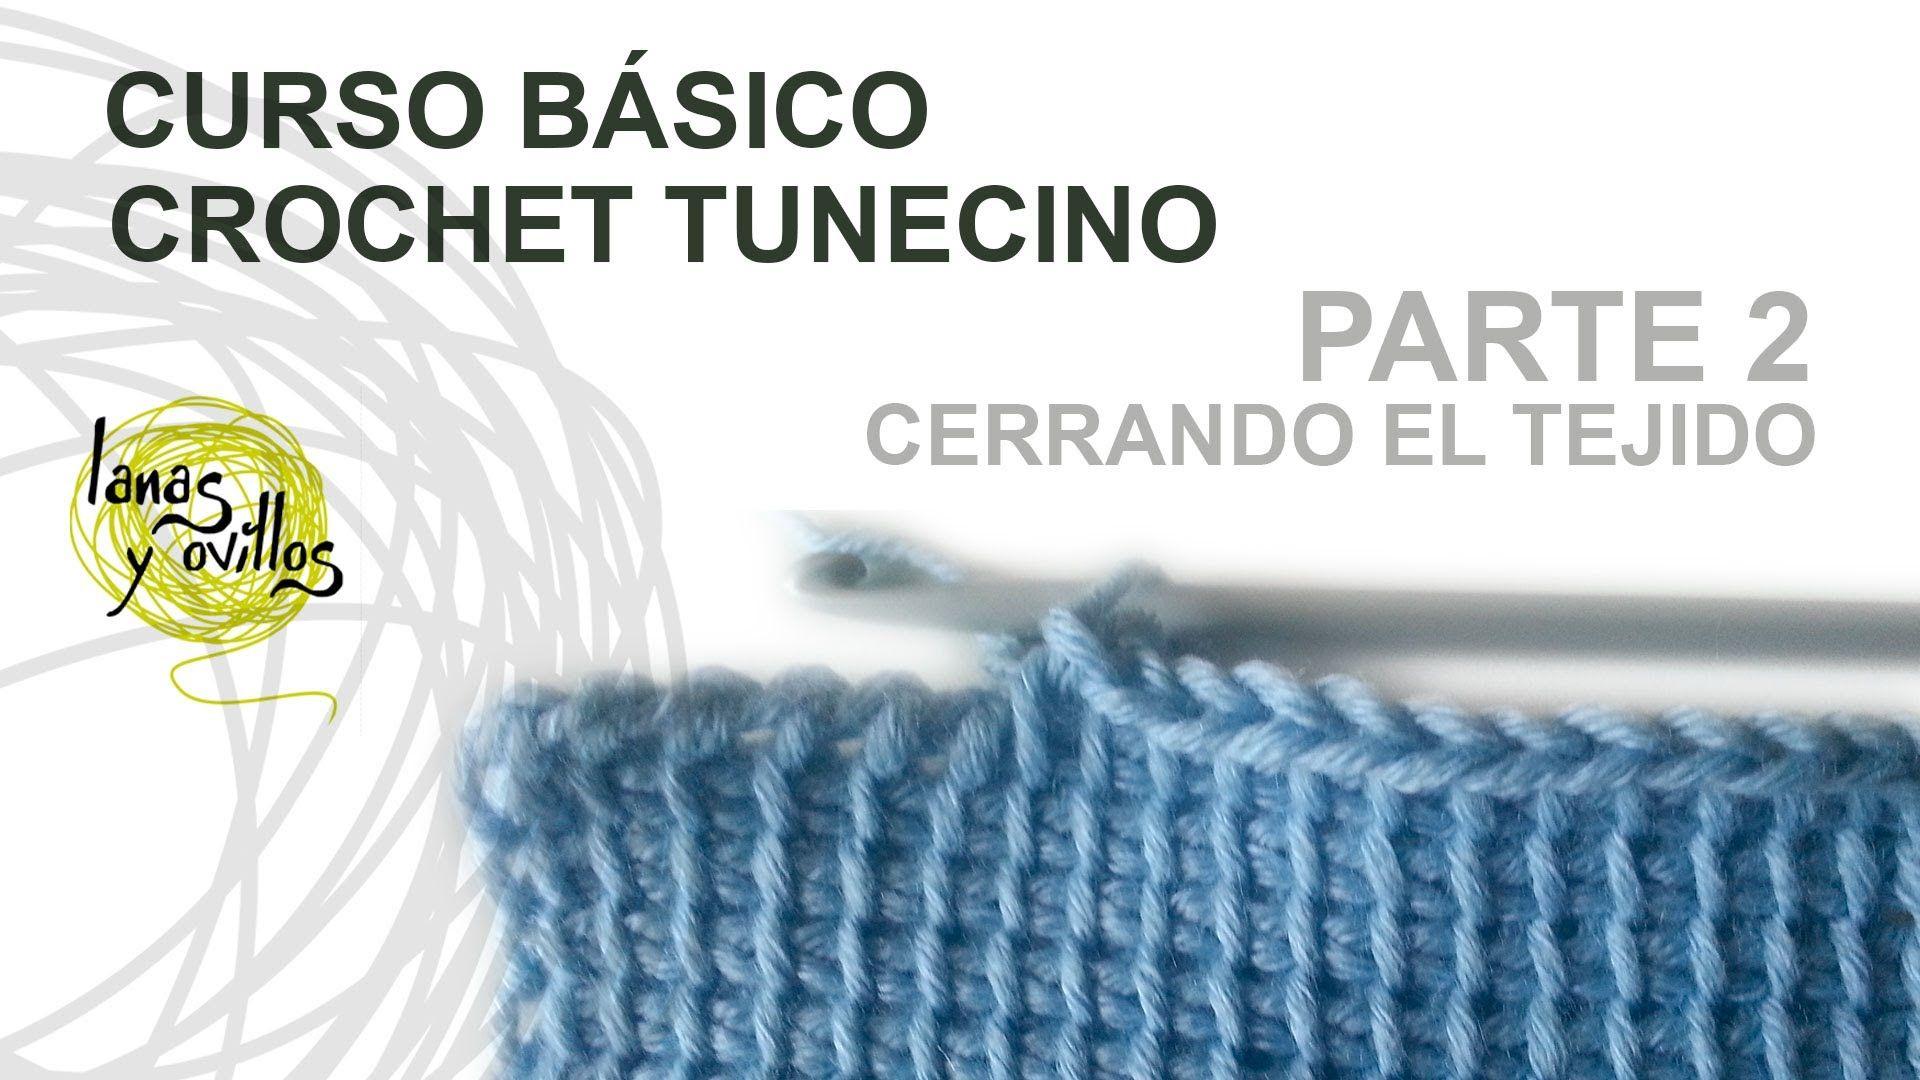 Curso Básico Crochet Tunecino: Parte 2 Cerrar el tejido | Crochet ...